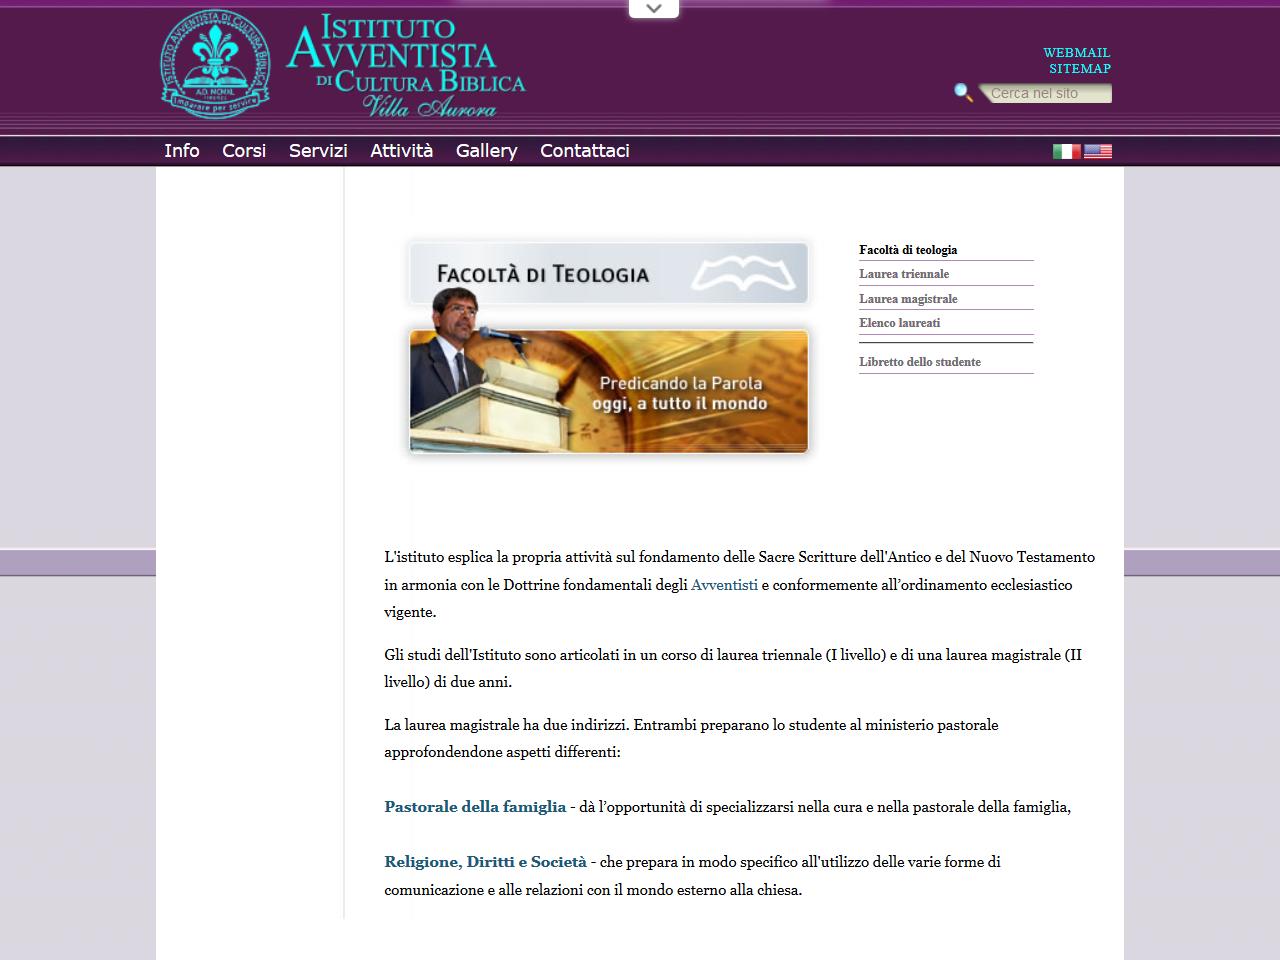 Villa Aurora – Facoltà Di Teologia